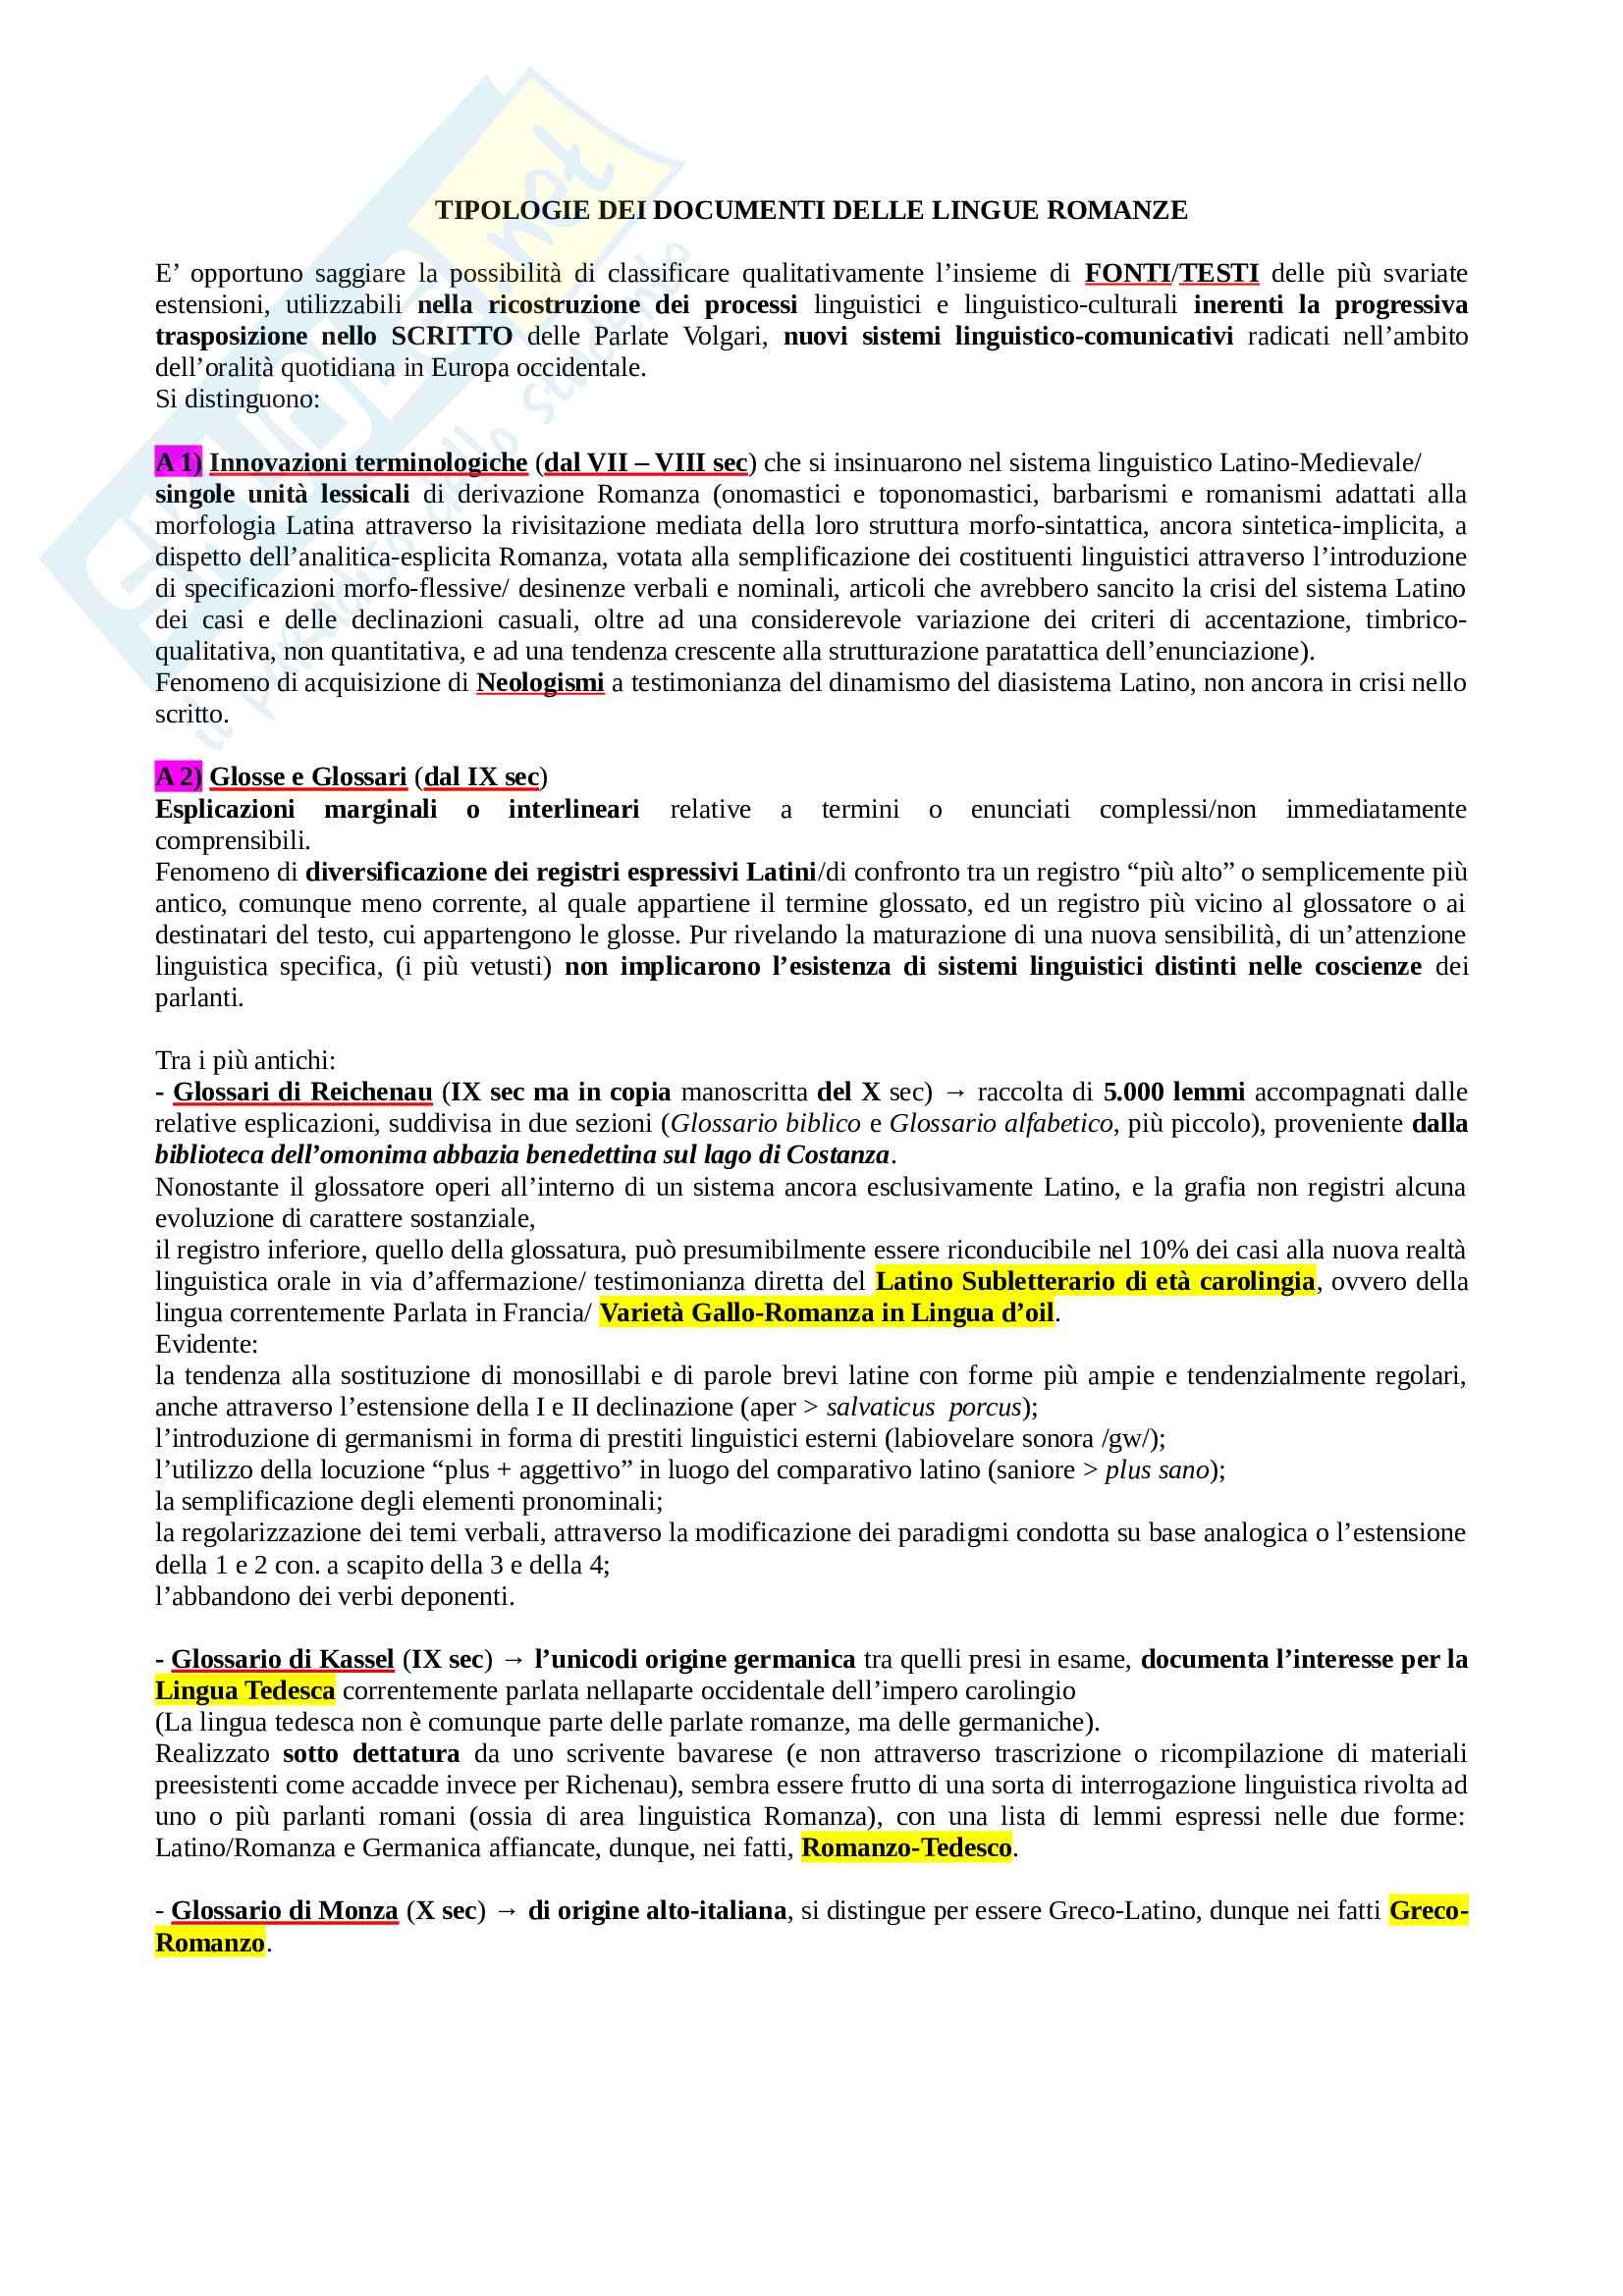 """Riassunto """"Lingue Romanze, primi documenti e tipologie testuali"""", manuale consigliato Origini romanze, Asperti"""